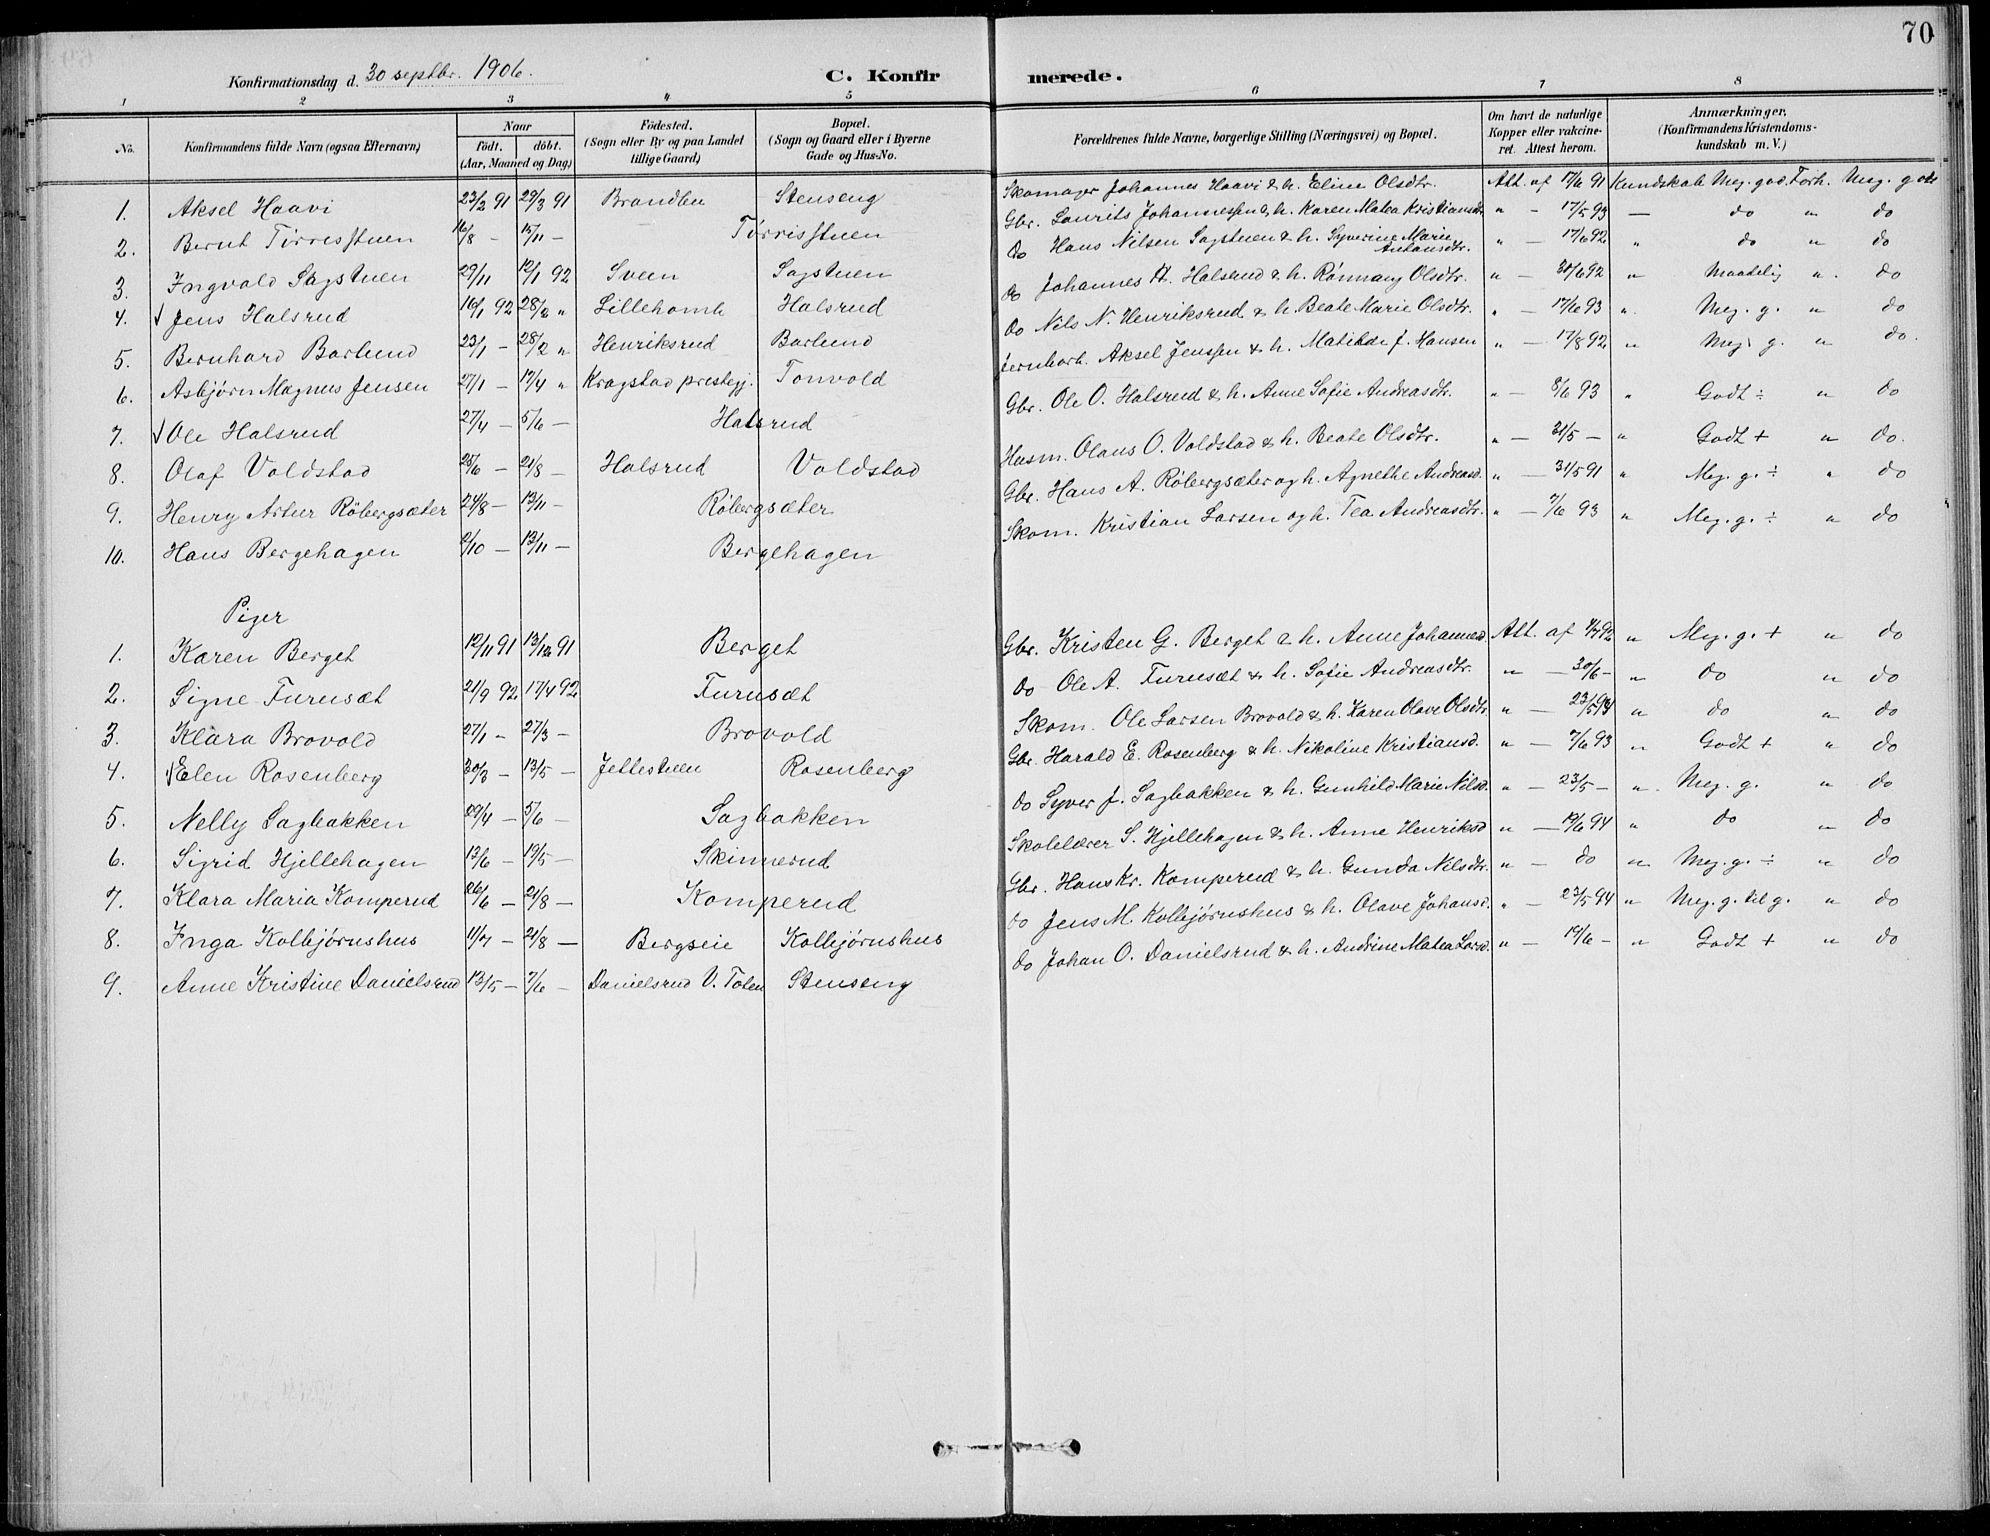 SAH, Nordre Land prestekontor, Klokkerbok nr. 14, 1891-1907, s. 70